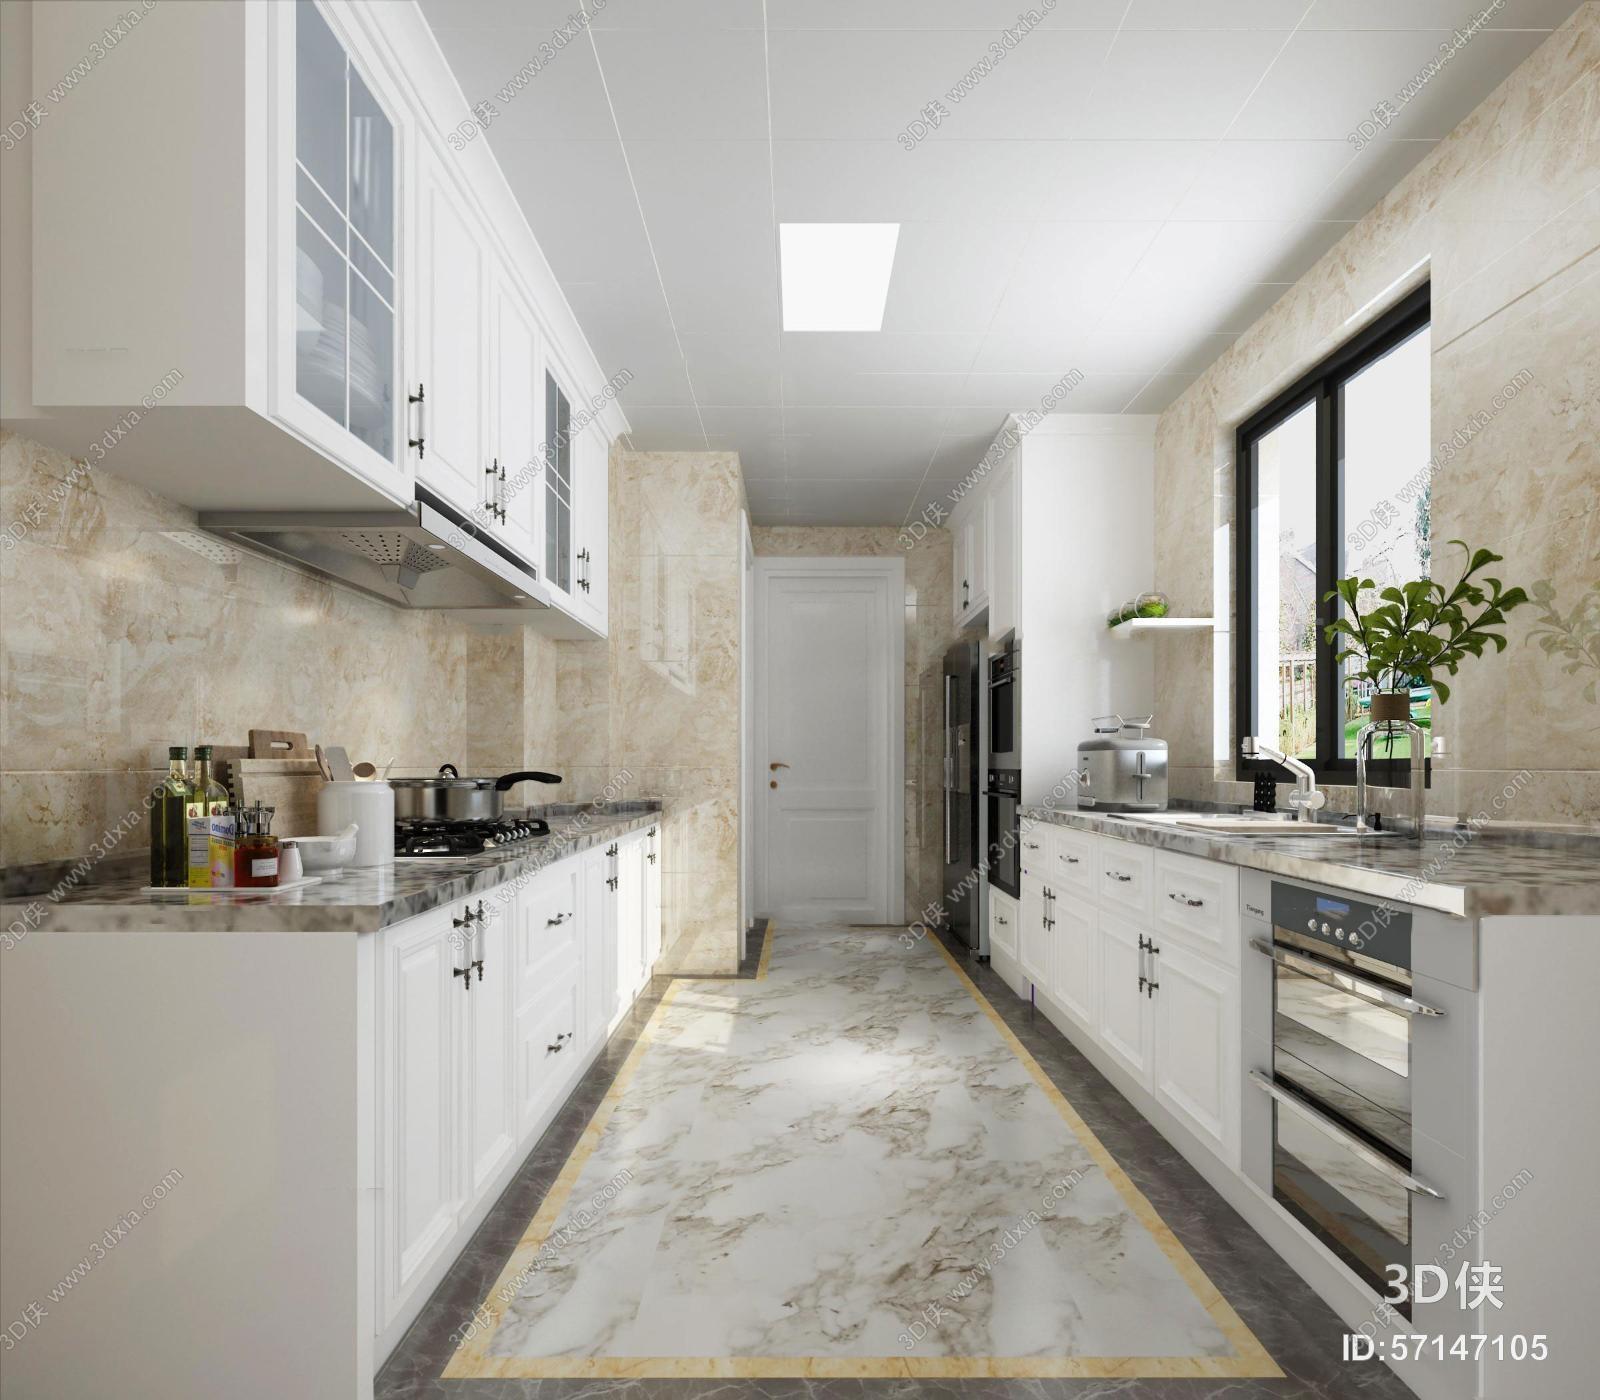 欧式厨房空间3D模型